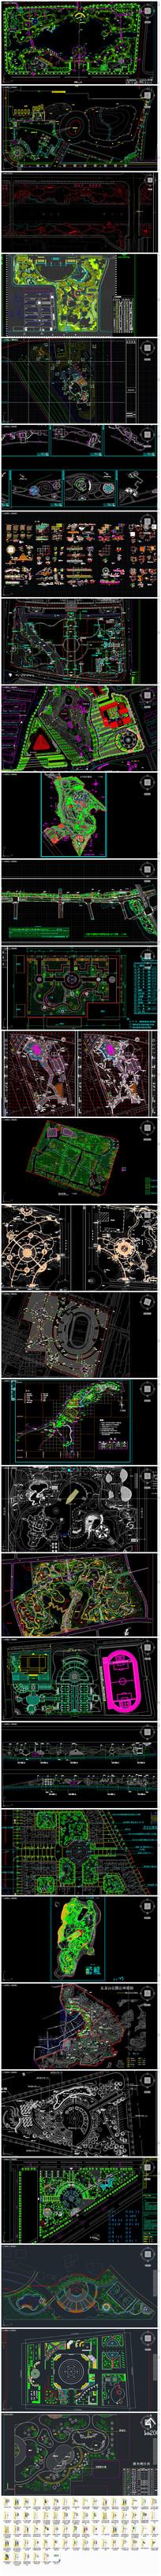 公园广场滨水景区景观CAD全套施工图2